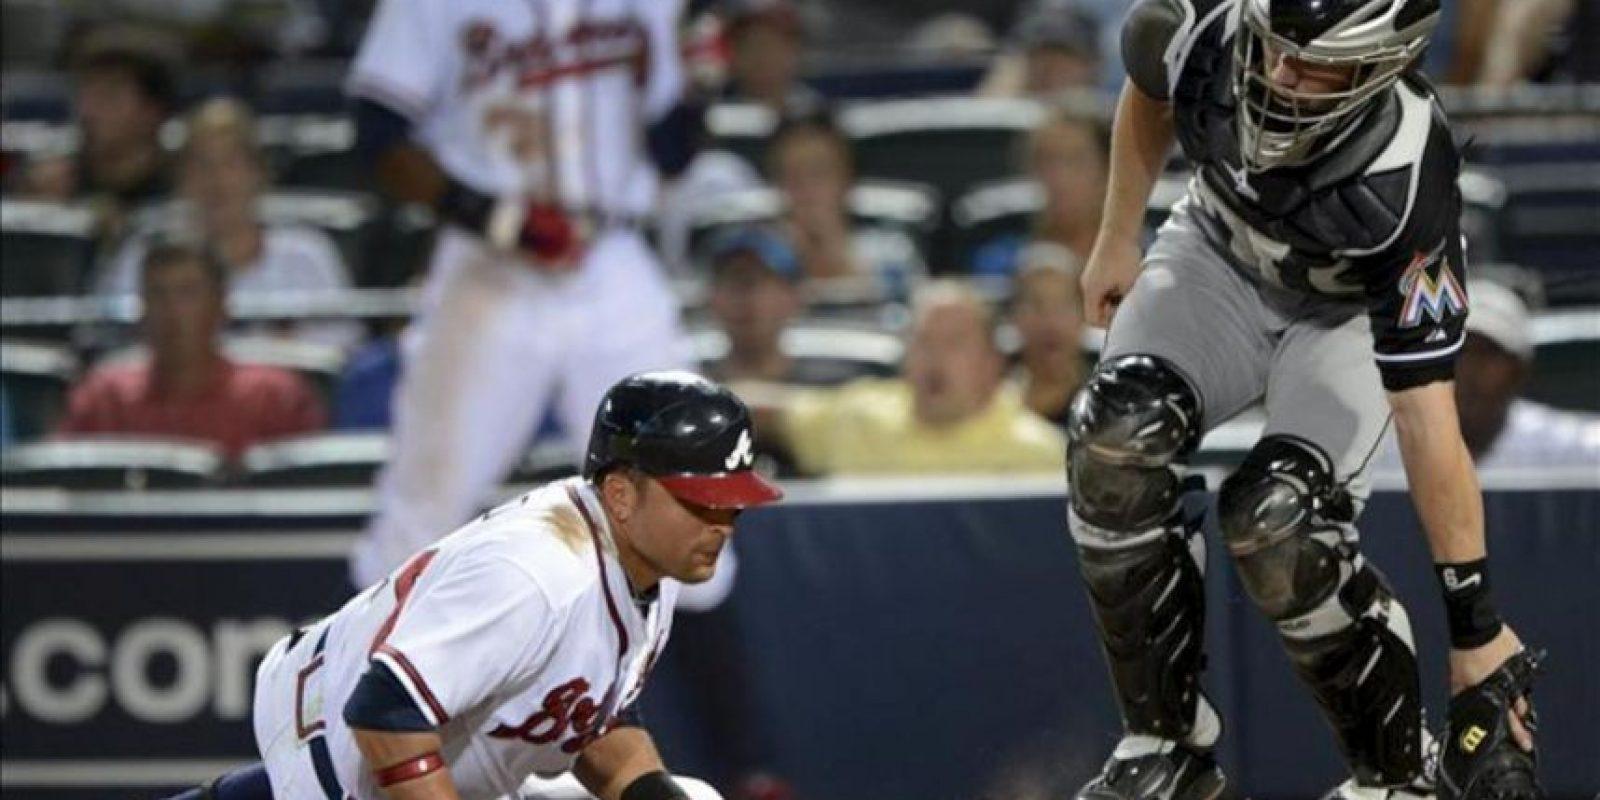 El jugador de Bravos Martin Prado (i) cae para evitar una bola lanzada por Chad Gaudin, de Marlins, durante la quinta entrada de un partido por la MLB en Atlanta, Georgia (EE.UU.). EFE